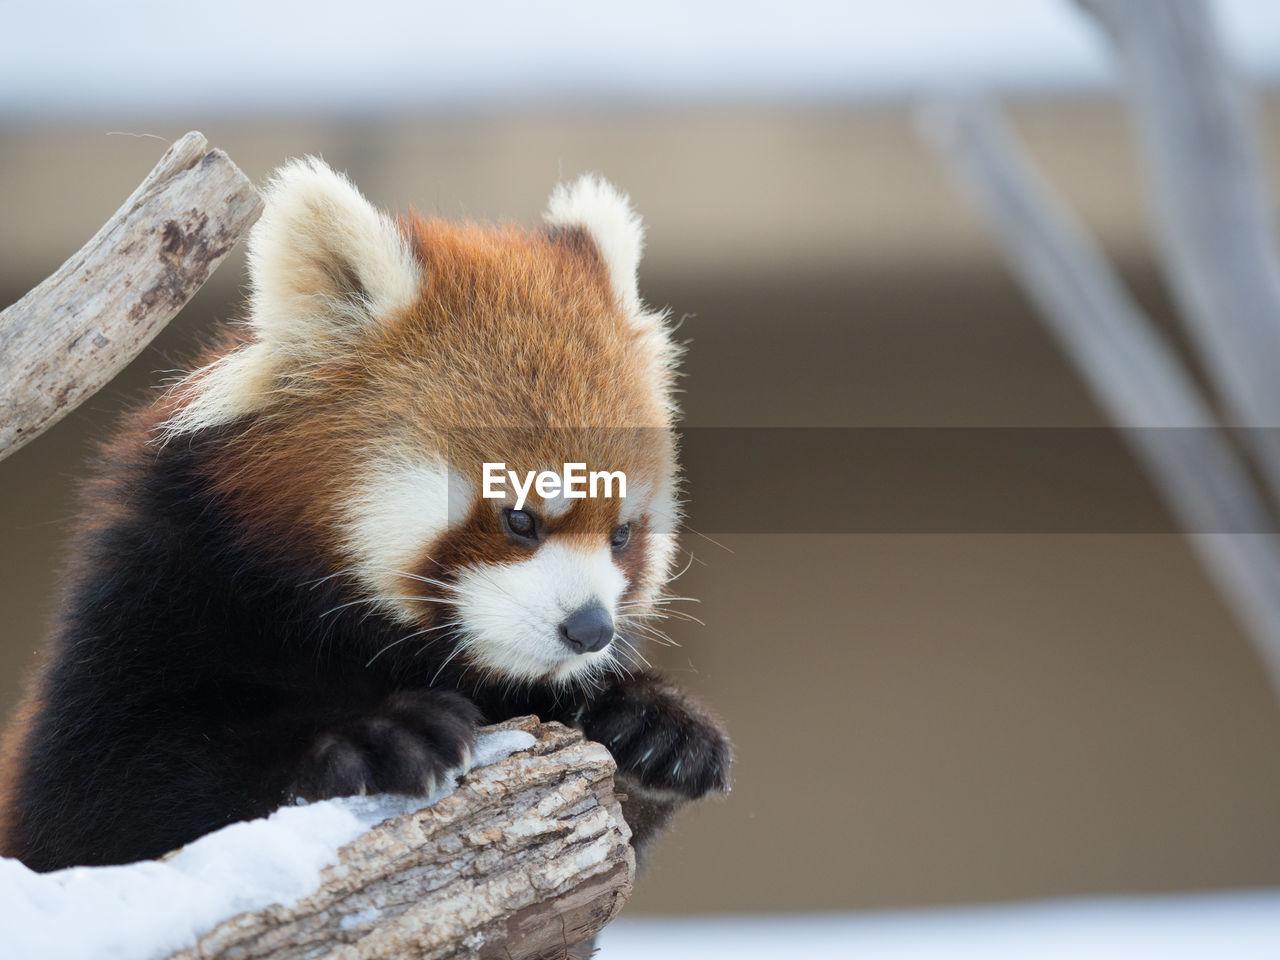 Close-Up Of Red Panda